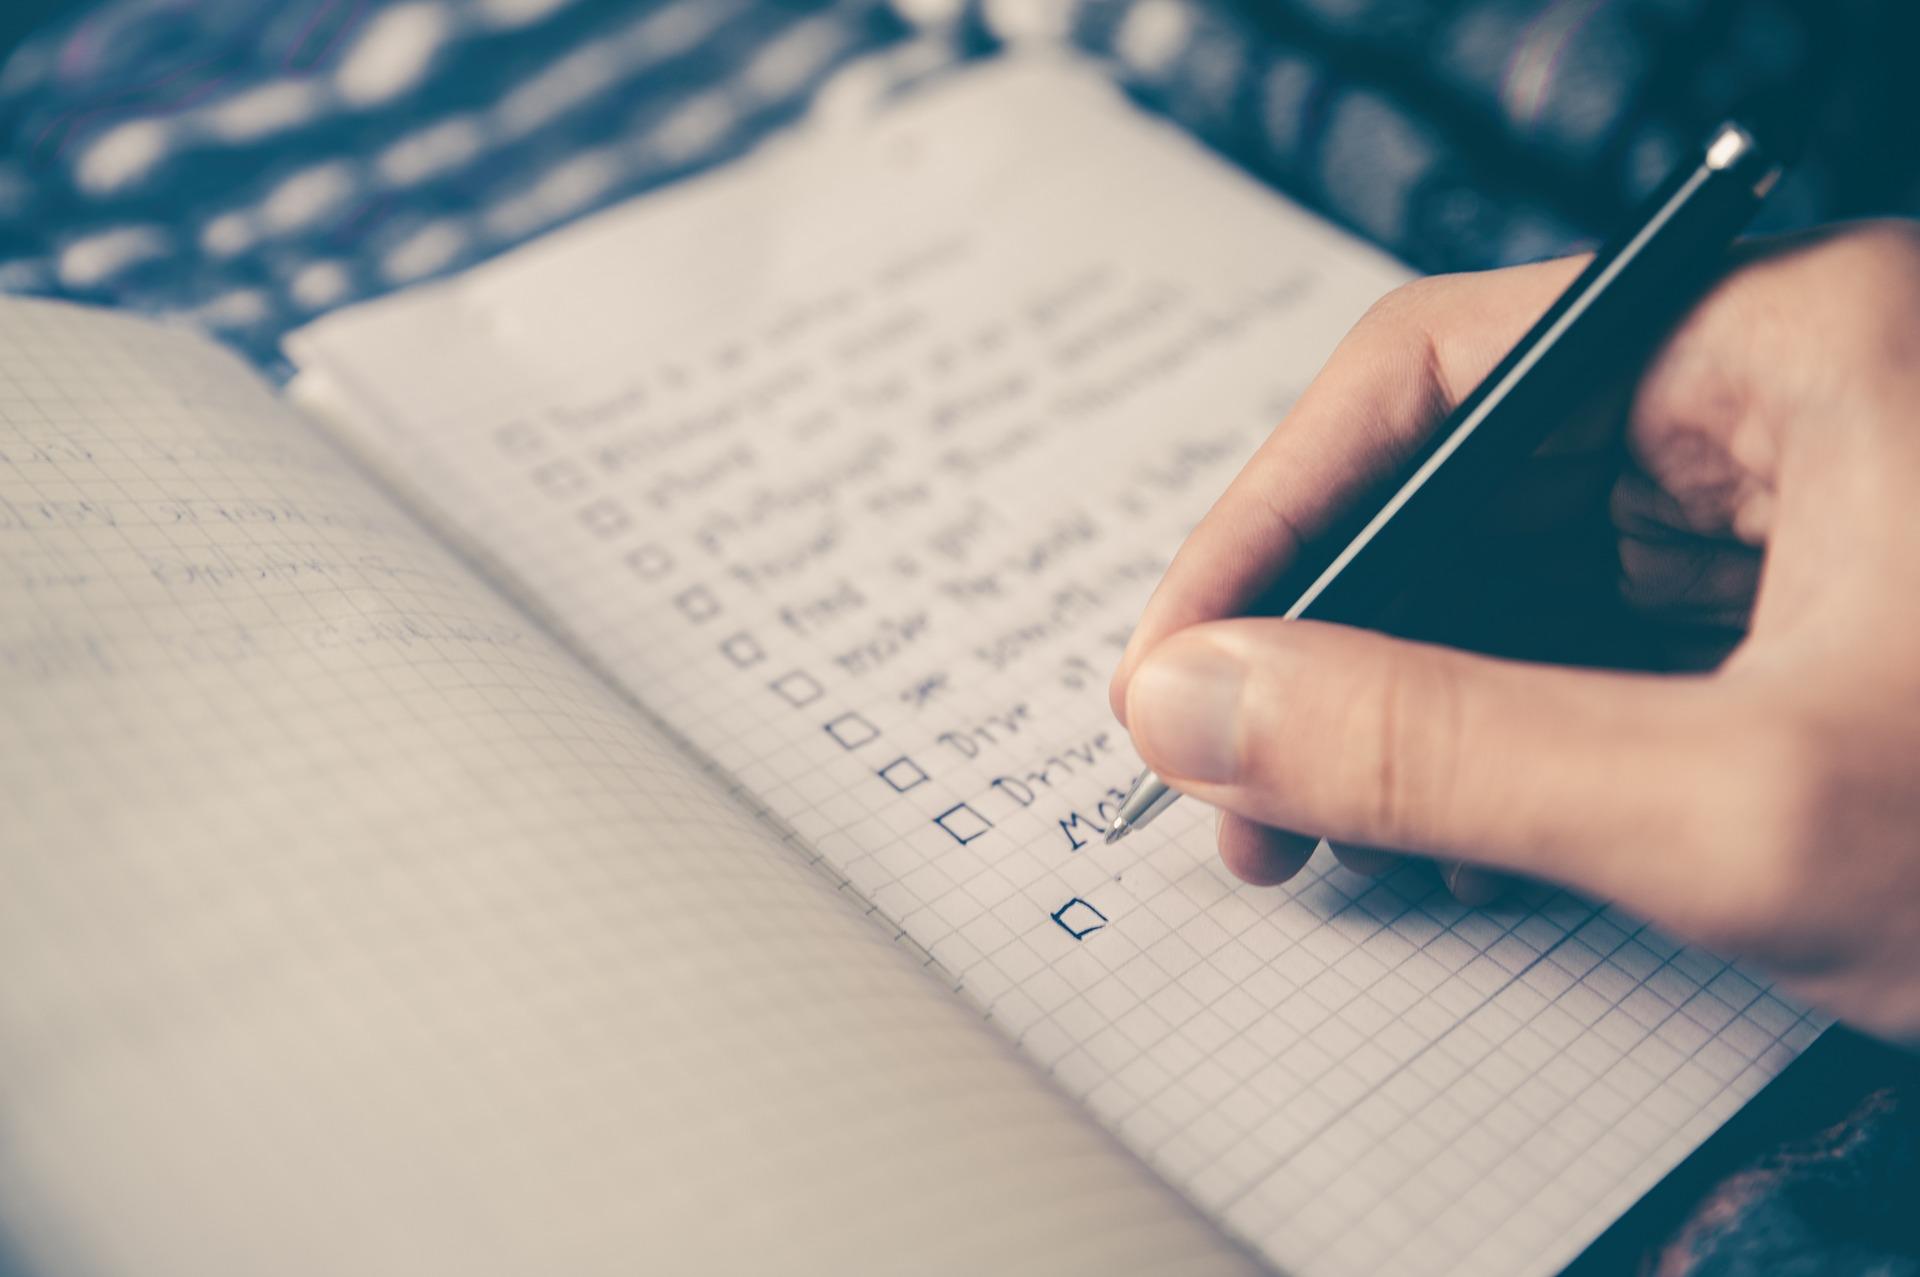 Foto eines Notizbuches mit einer Checkliste